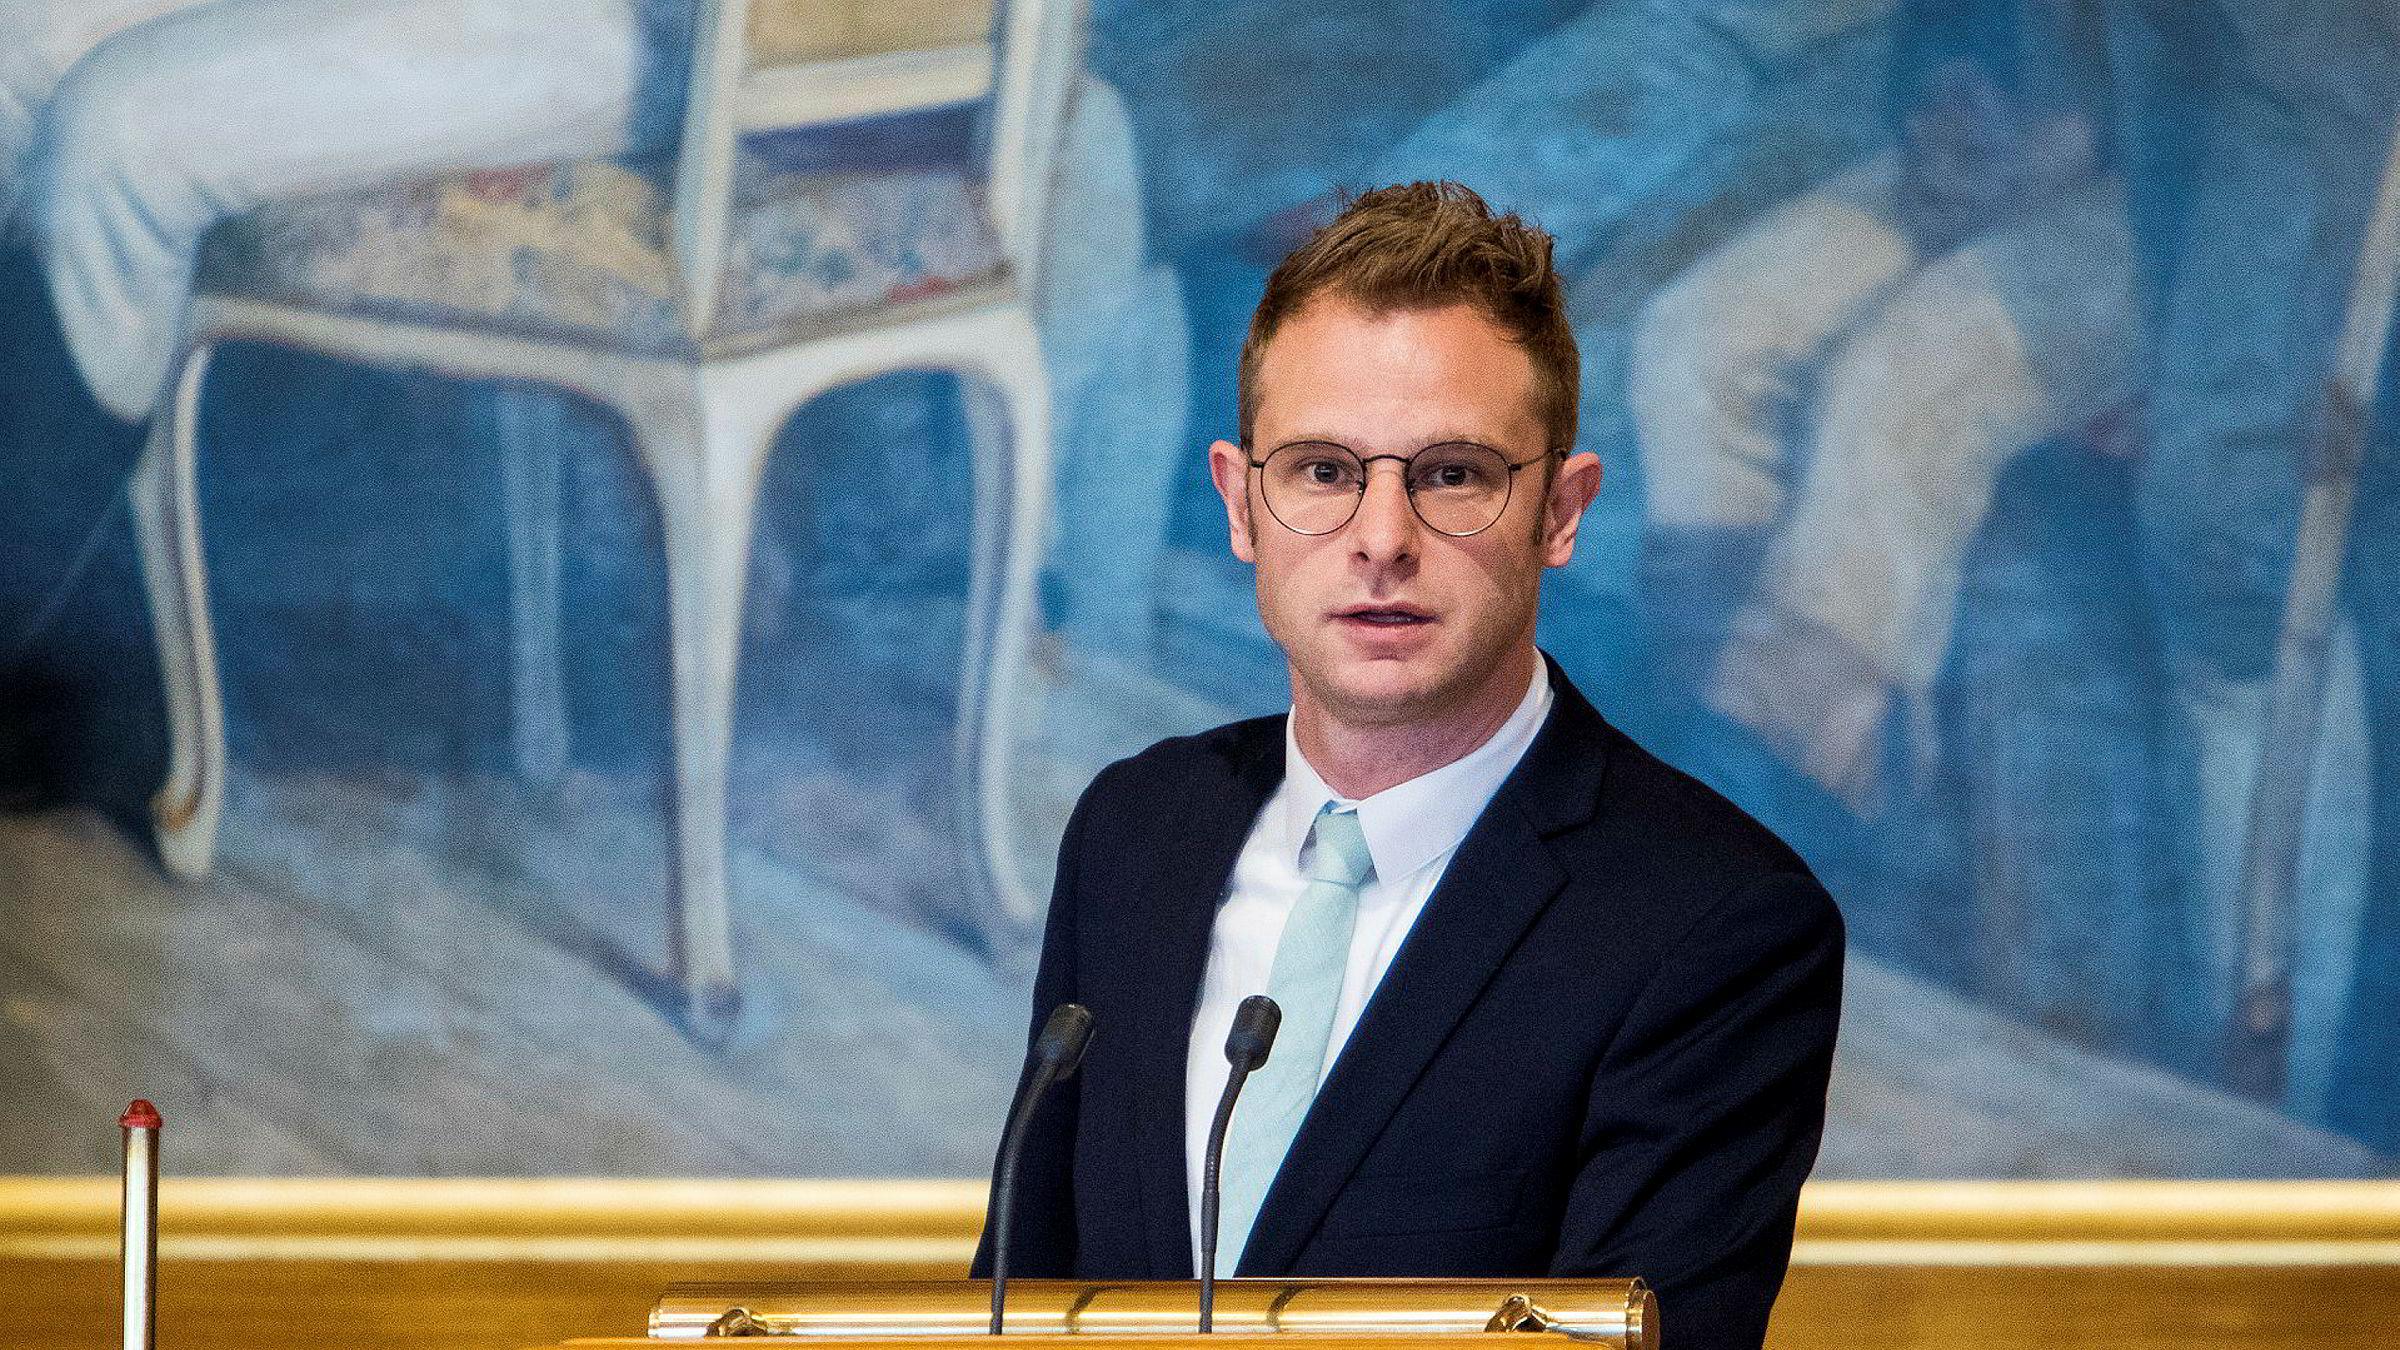 SV-nestleder Snorre Valen kjempet mot lønnstillegg til politikerne torsdag. Problemet for noen av politikerne er heller at de henger etter i lønnsutviklingen.